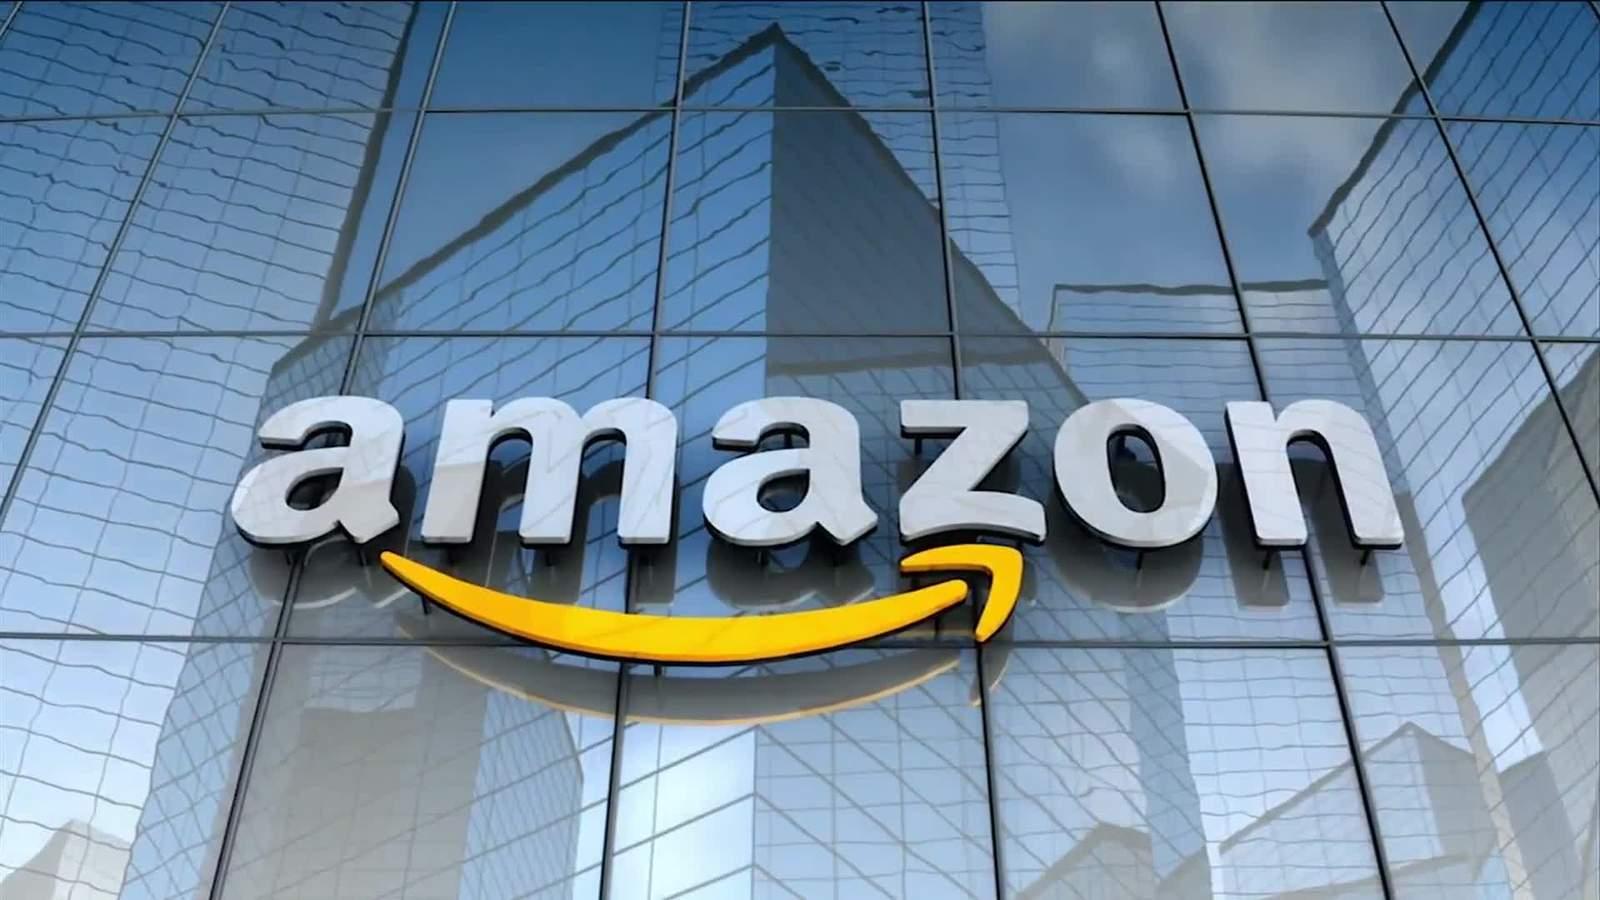 Invertir en Amazon: cómo ganar dinero con el gigante de las ventas online